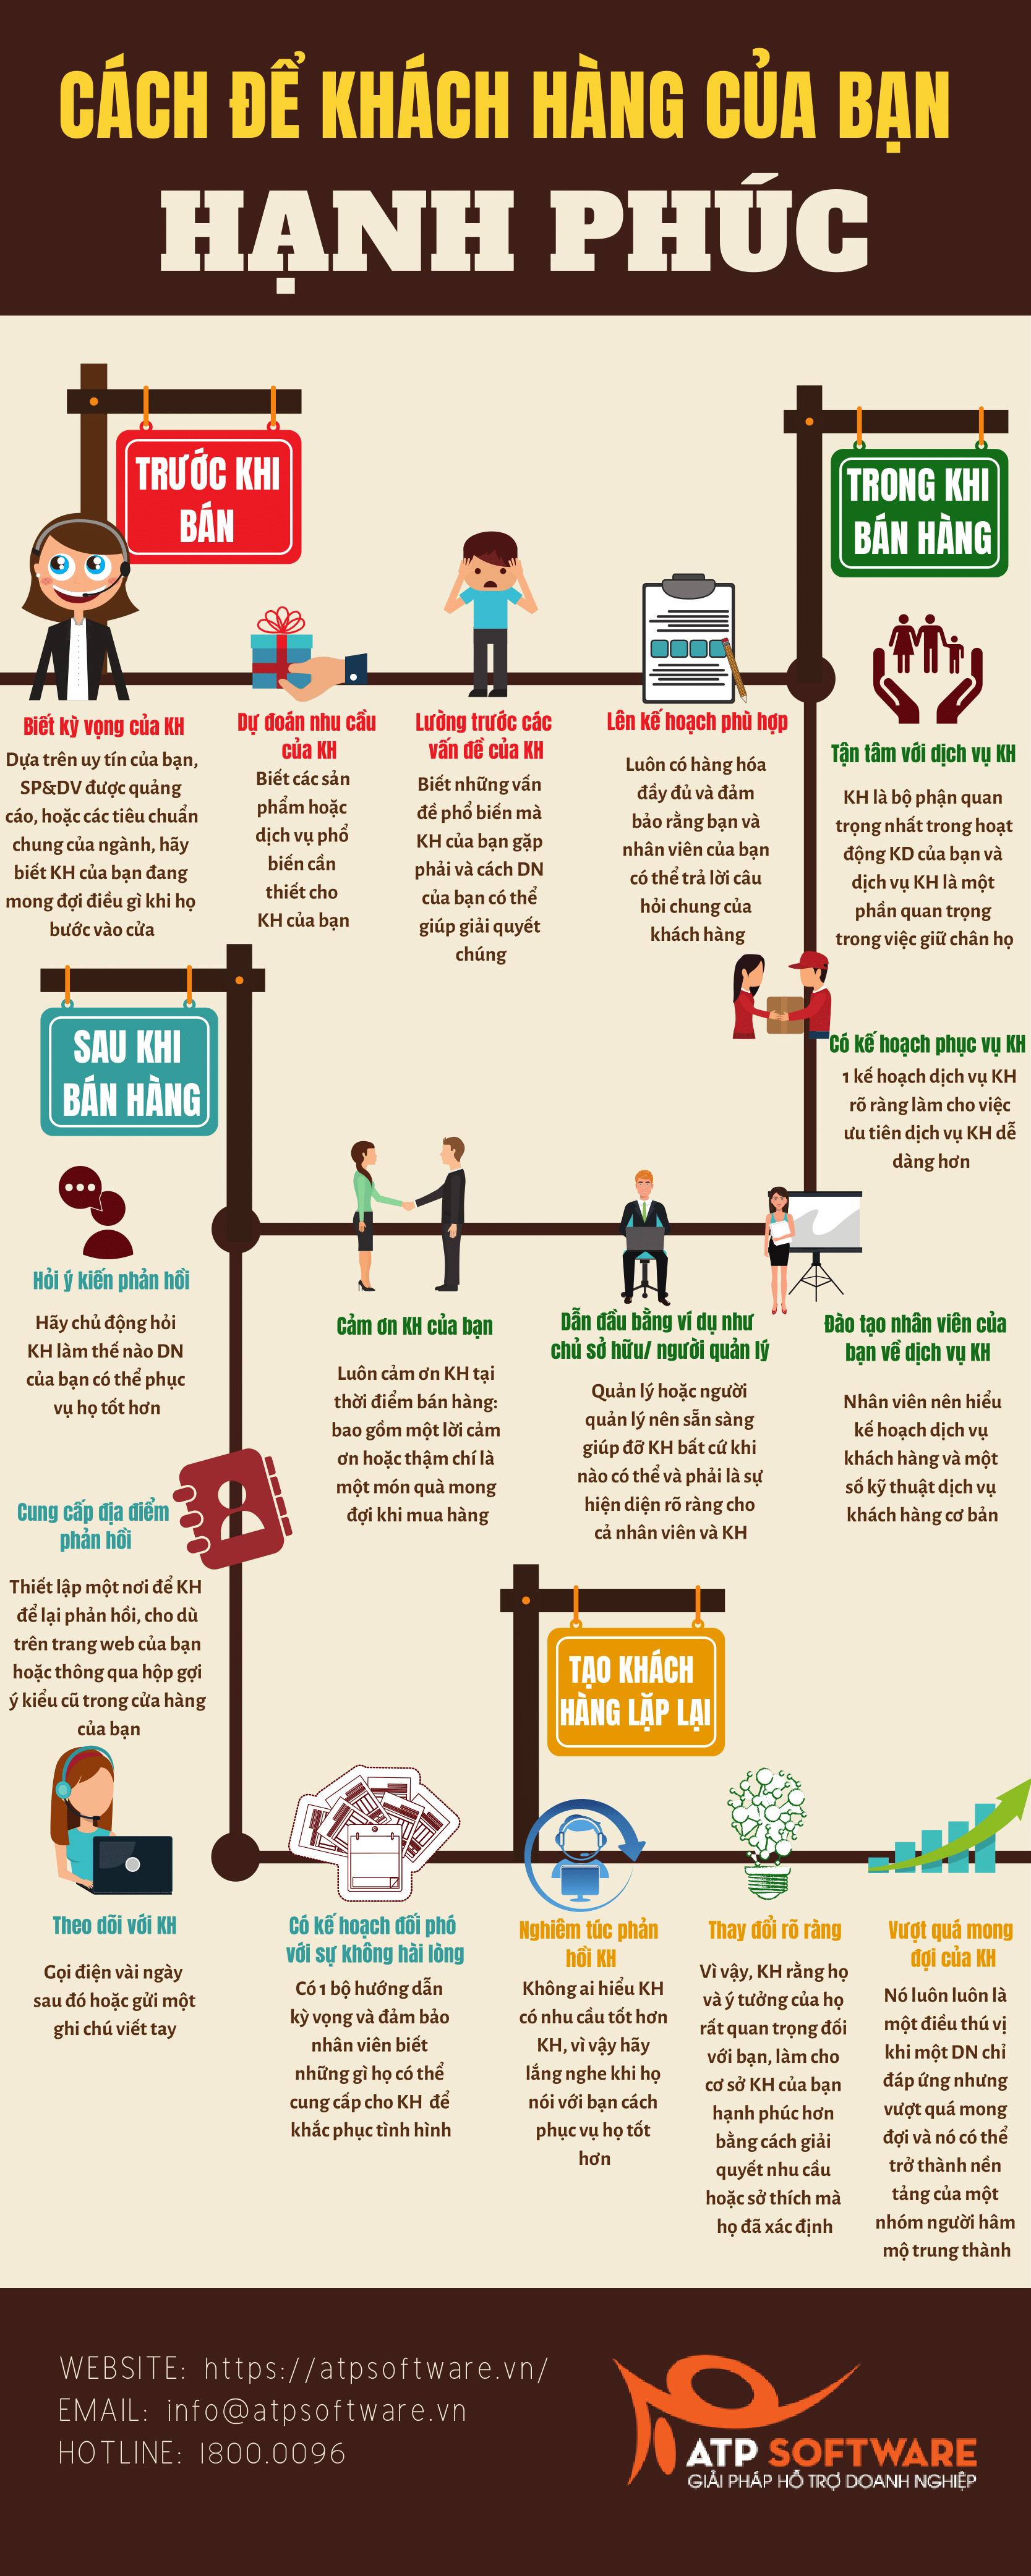 Cách để khiến khách hàng hạnh phúc-1